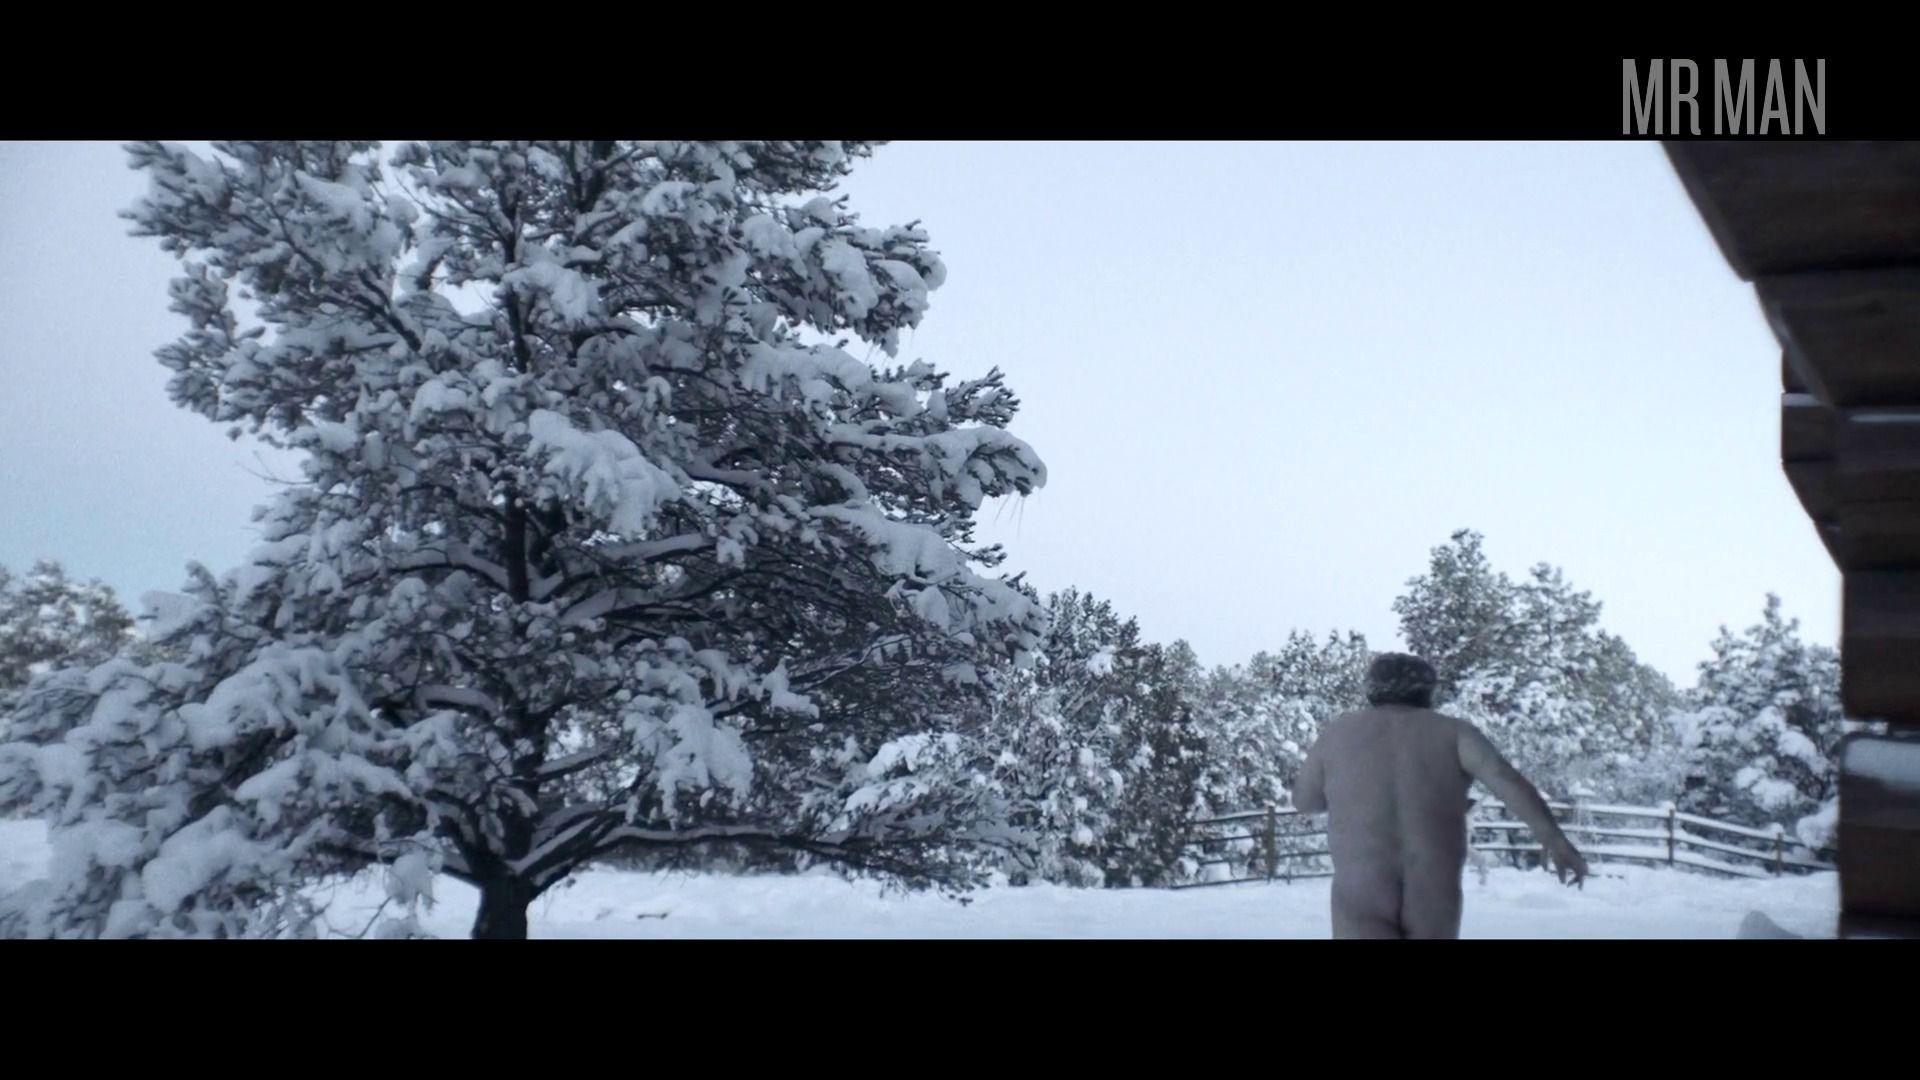 Sexy Nude Ian Somerhalder Pics & Movie Scenes at Mr. Man